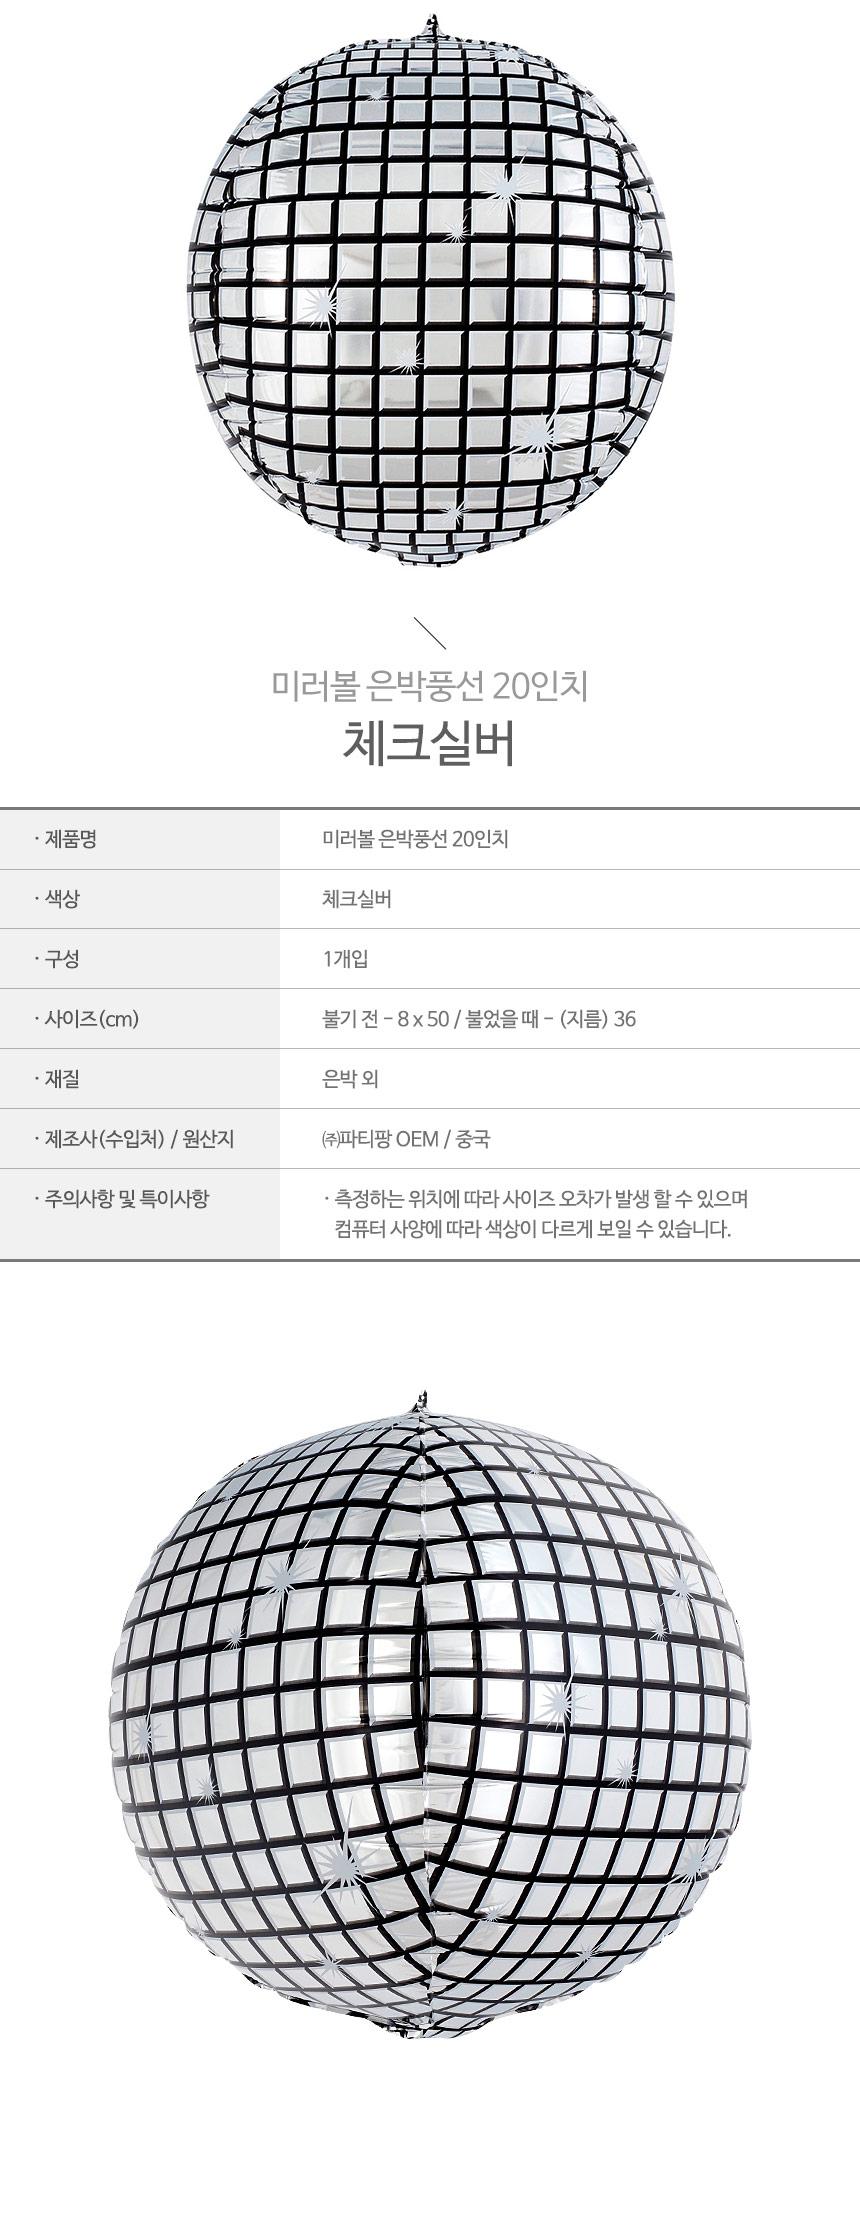 [원팩] 미러볼 은박풍선 20인치 [체크실버] _partypang - 파티팡, 3,000원, 파티용품, 풍선/세트